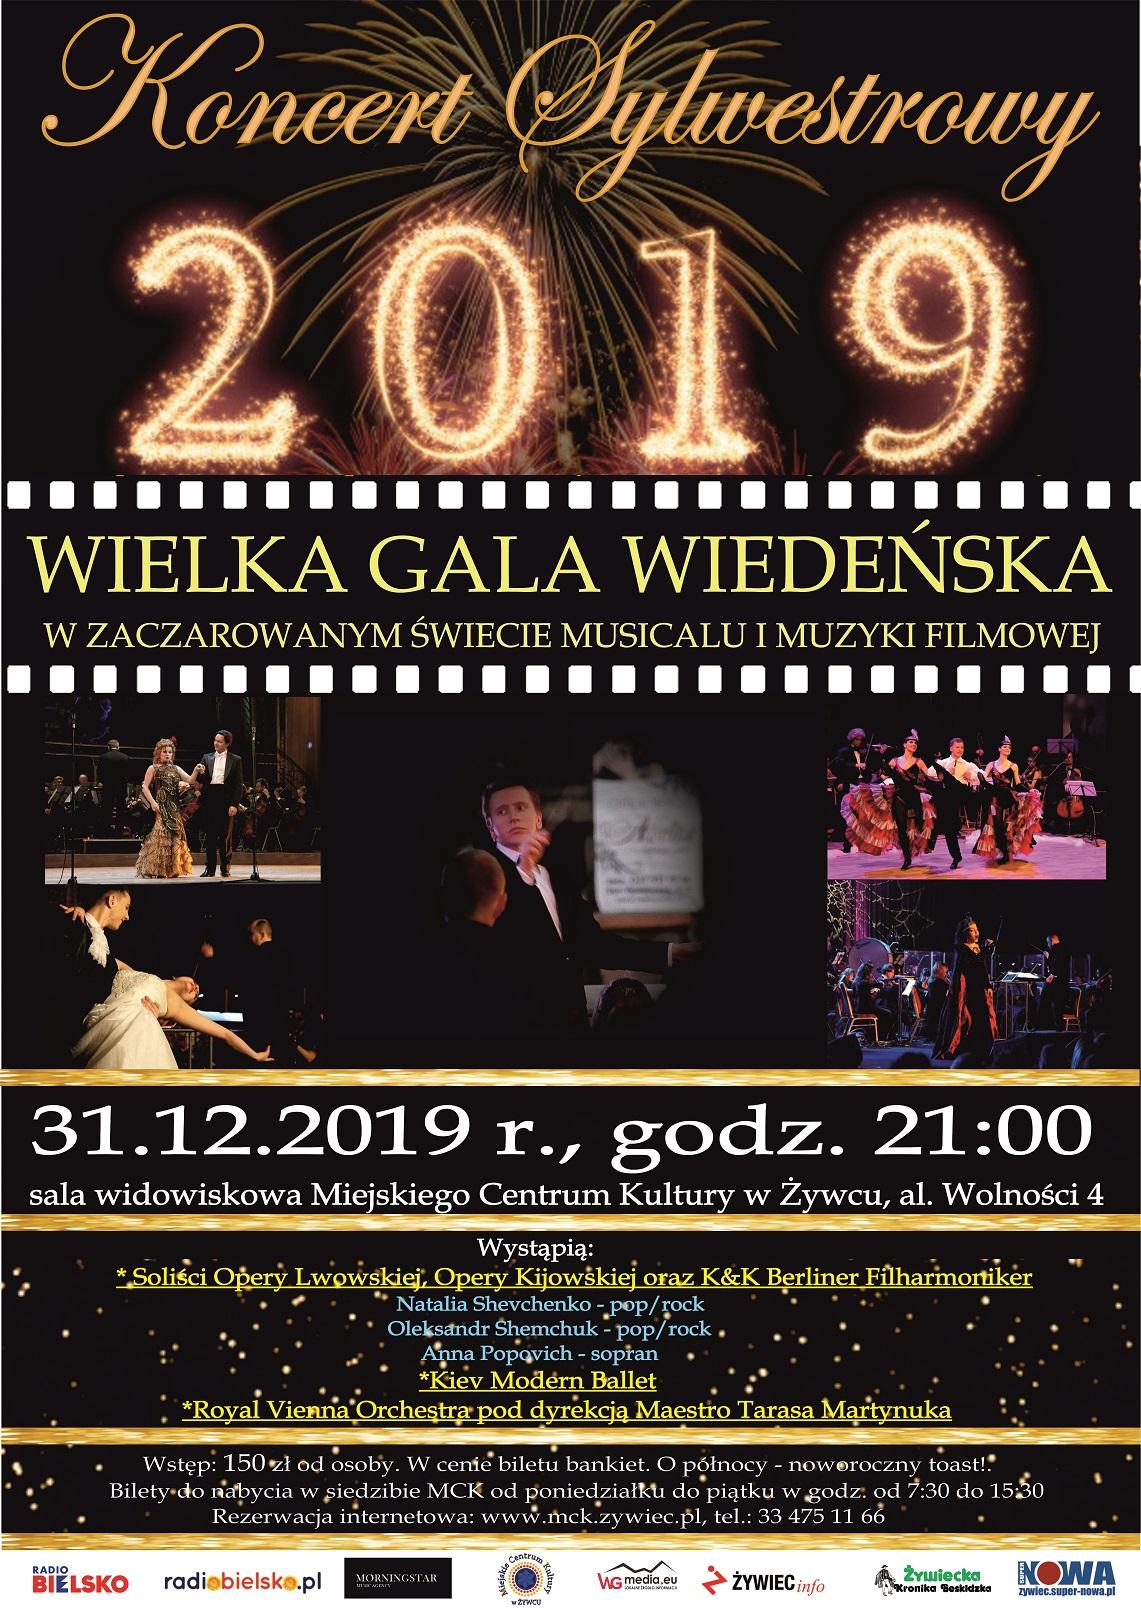 Koncert Sylwestrowy W Mck W Żywcu - Wielka Gala Wiedeńska